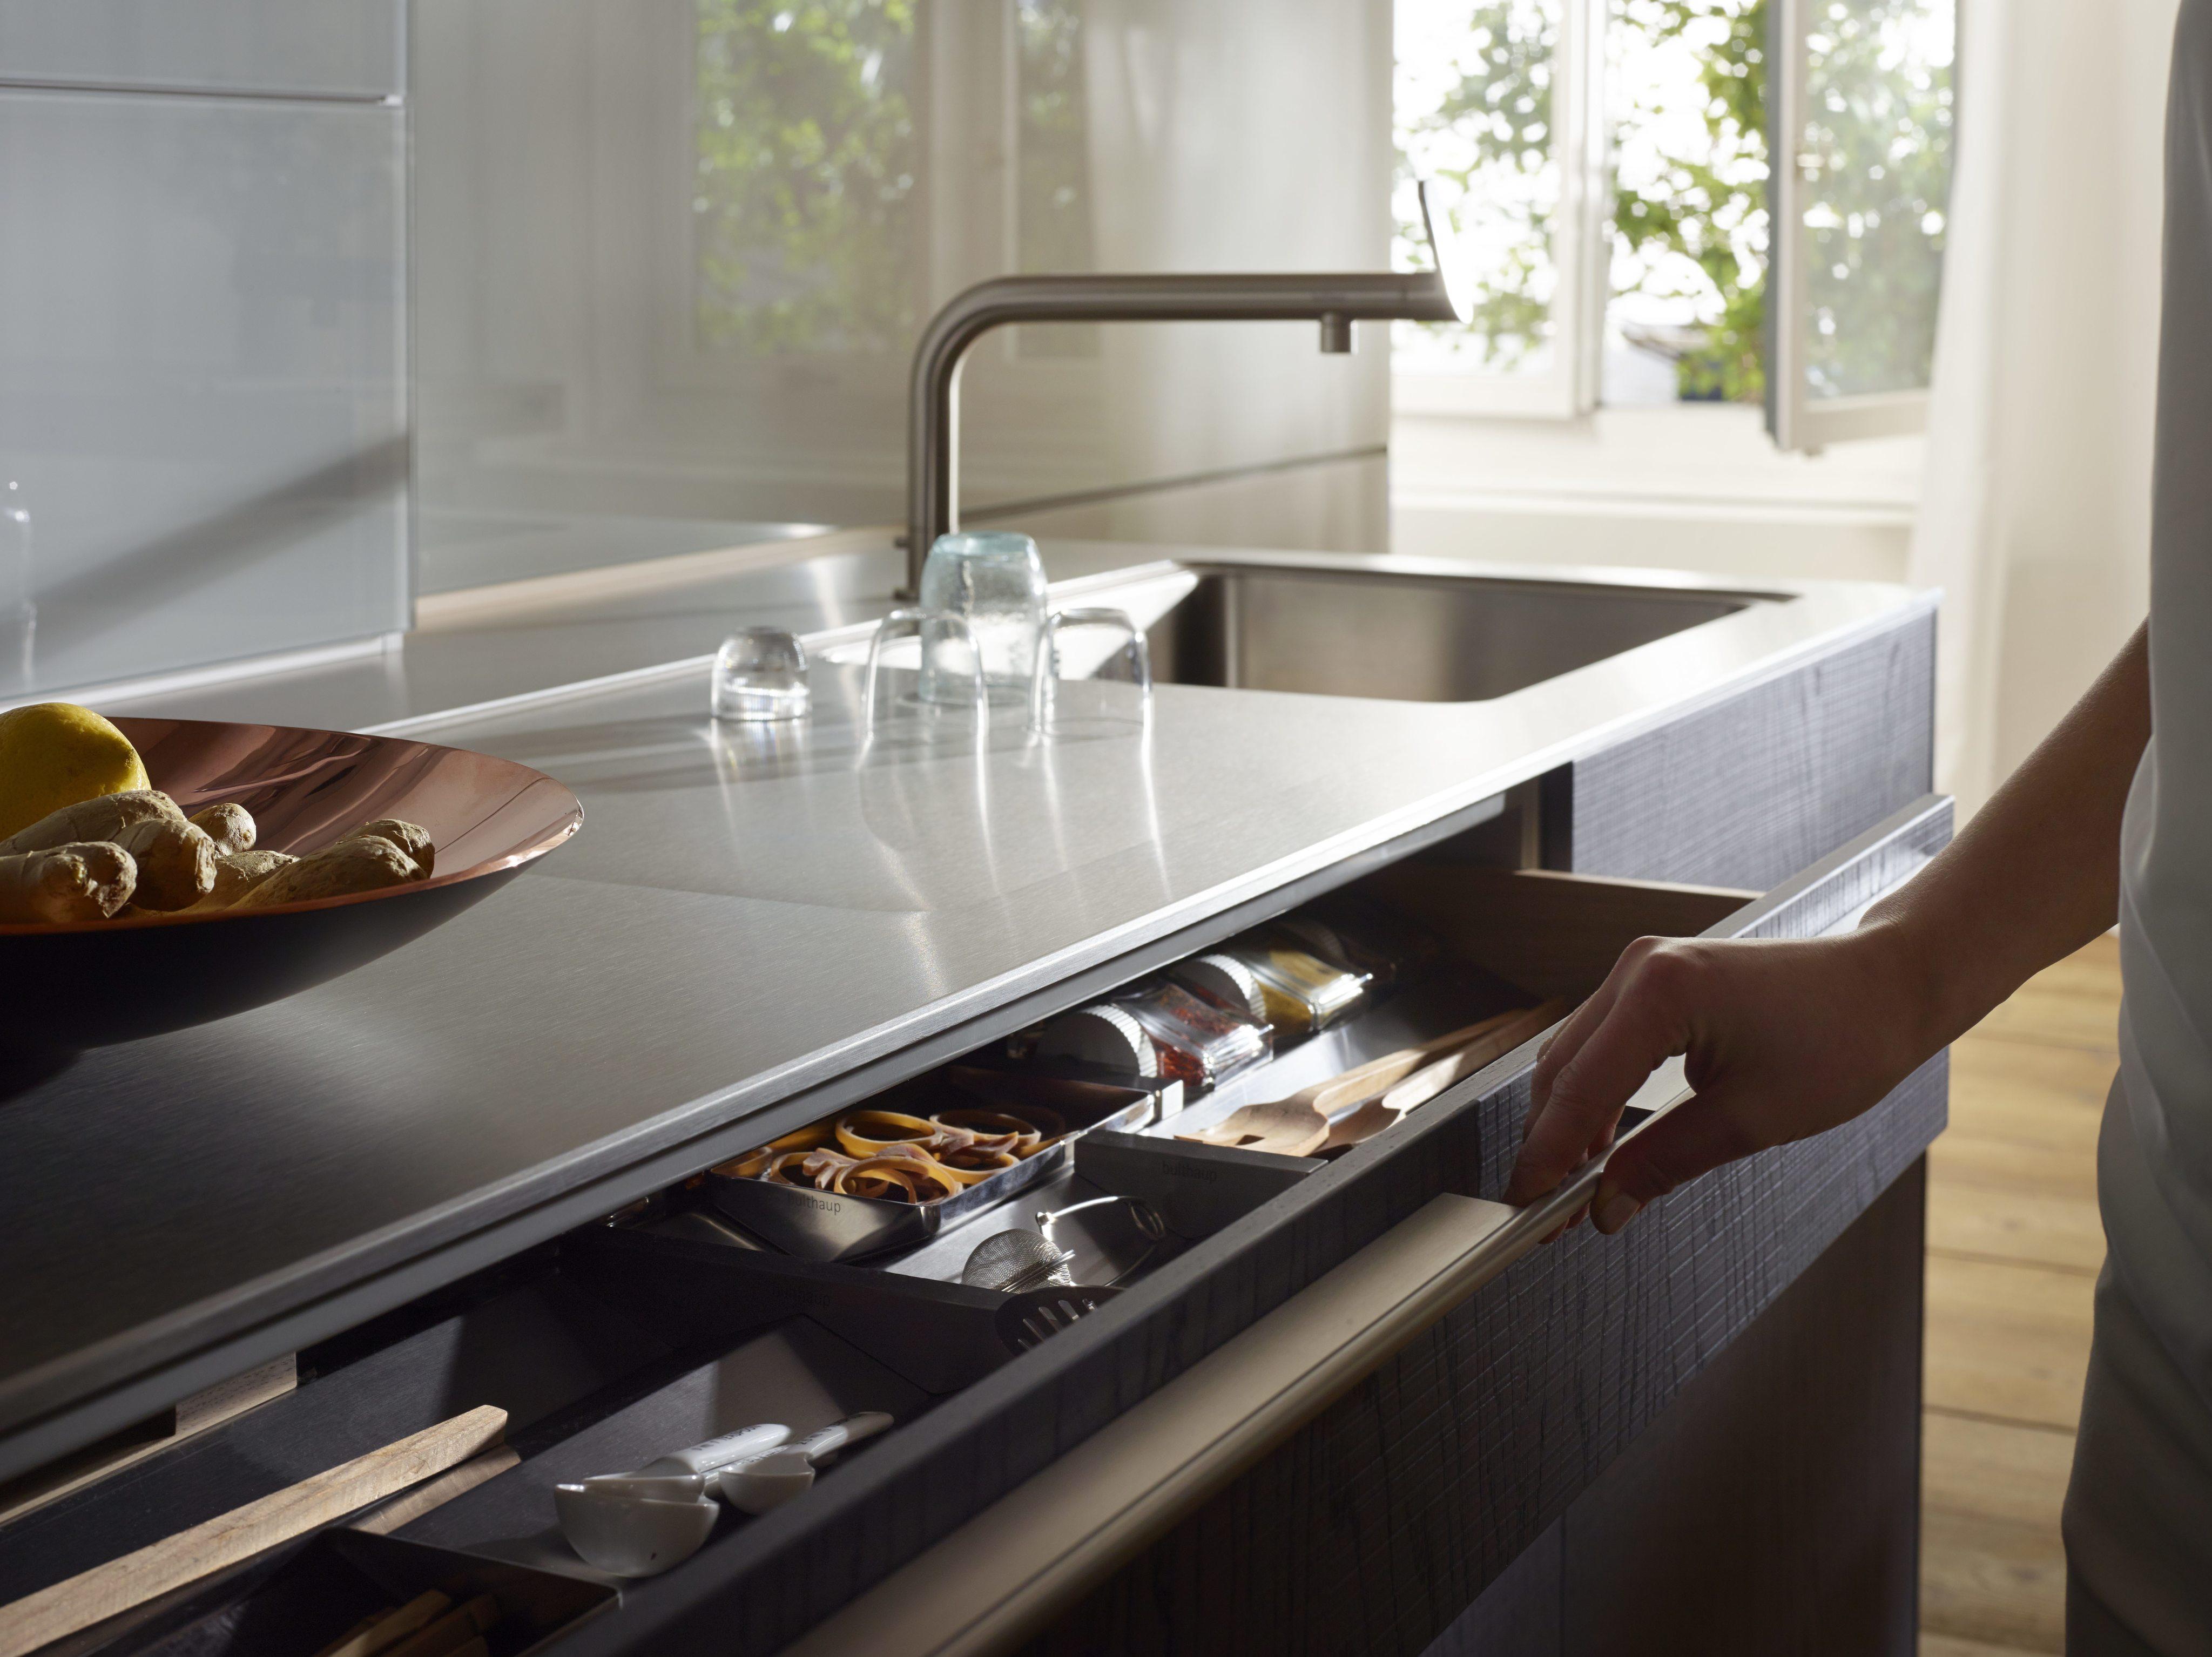 Küchenspüle • Bilder & Ideen • COUCHstyle